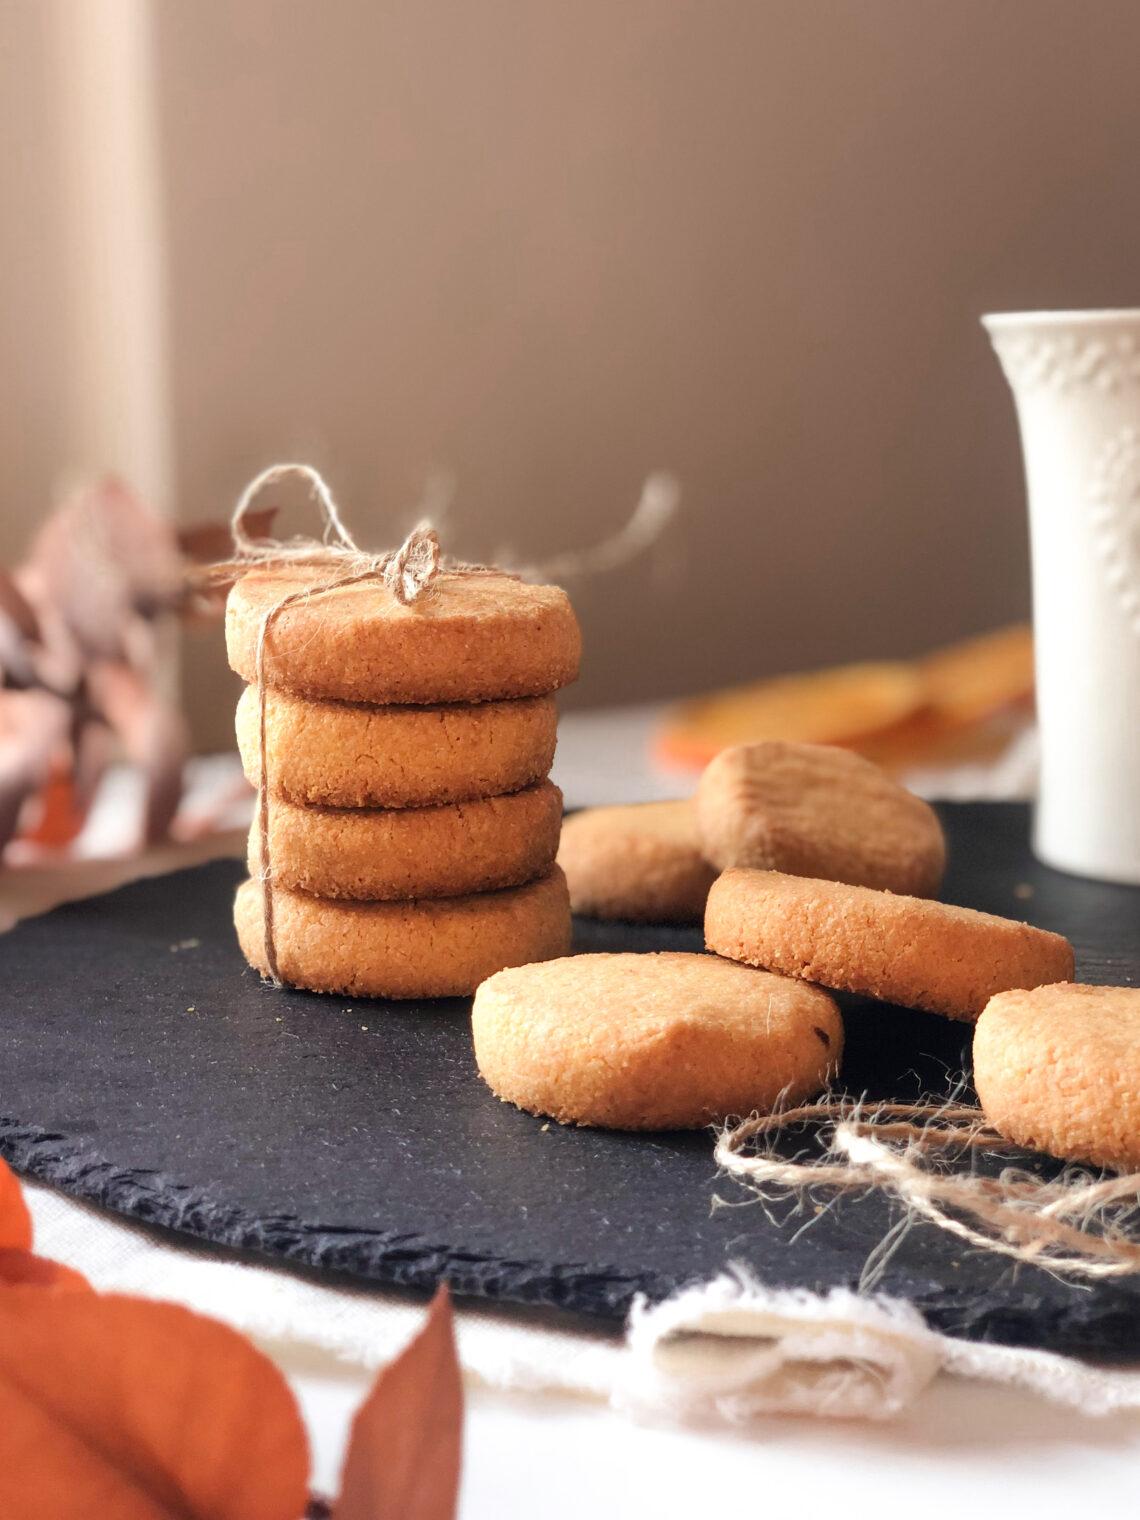 Biscotti con farina di mais fioretto, farina di riso integrale, burro chiarificato, senza lattosio